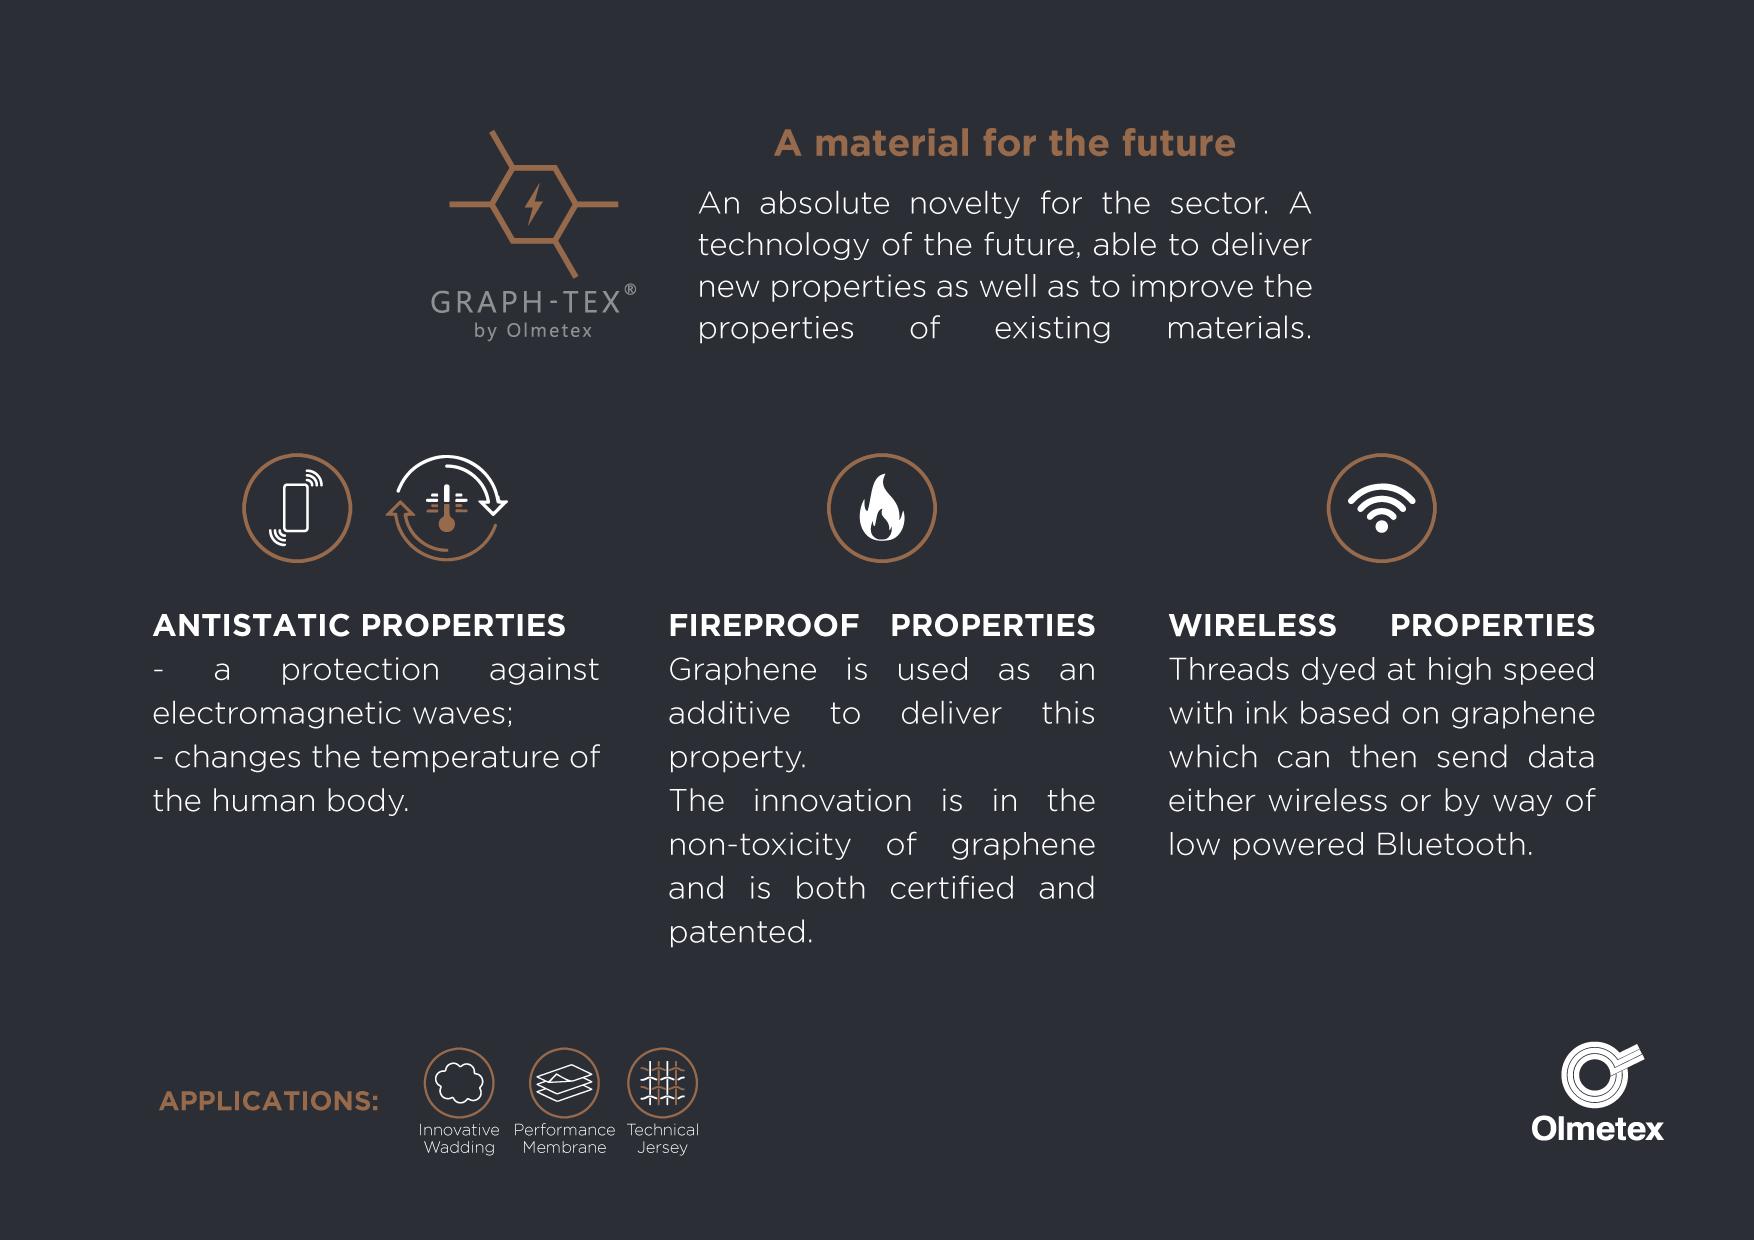 graph-tex-il-materiale-del-futuro